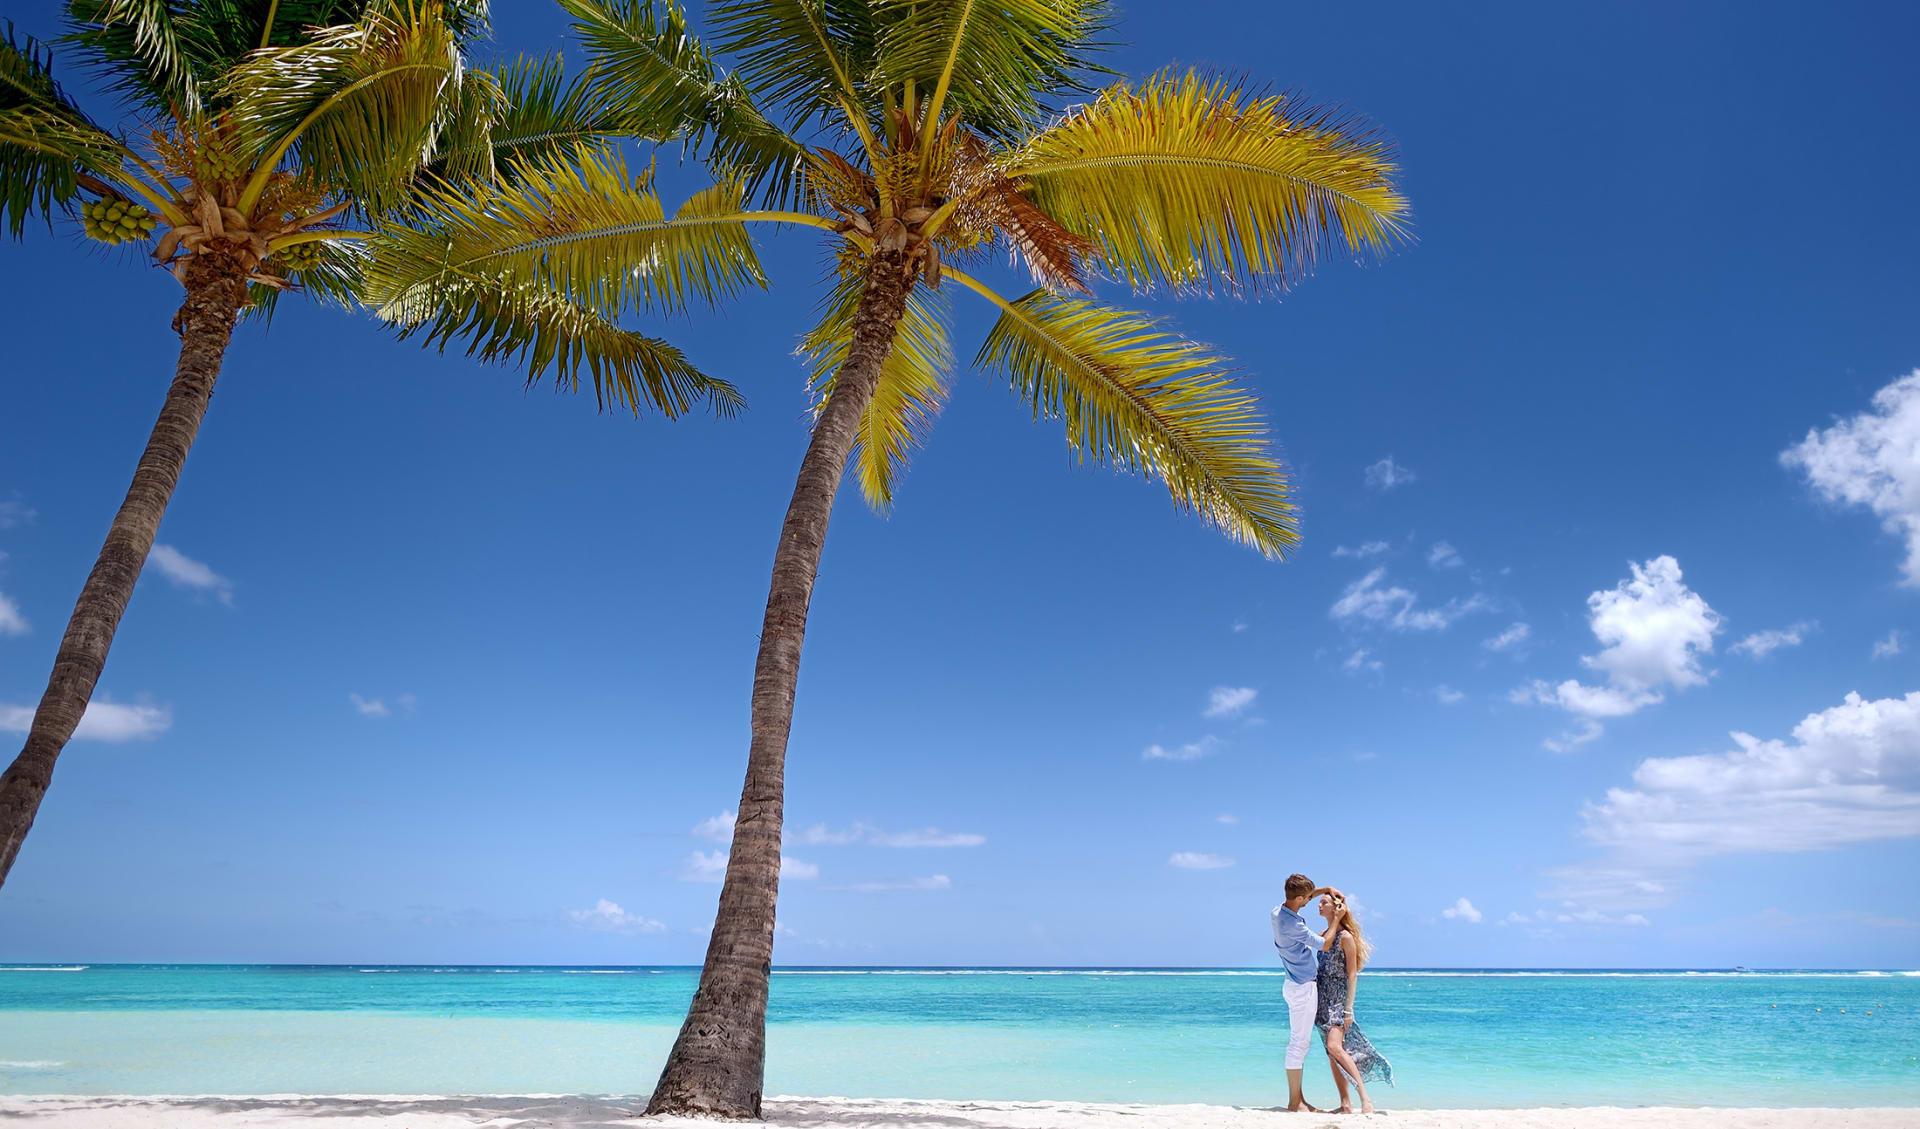 Paar auf der Insel, Mauritius